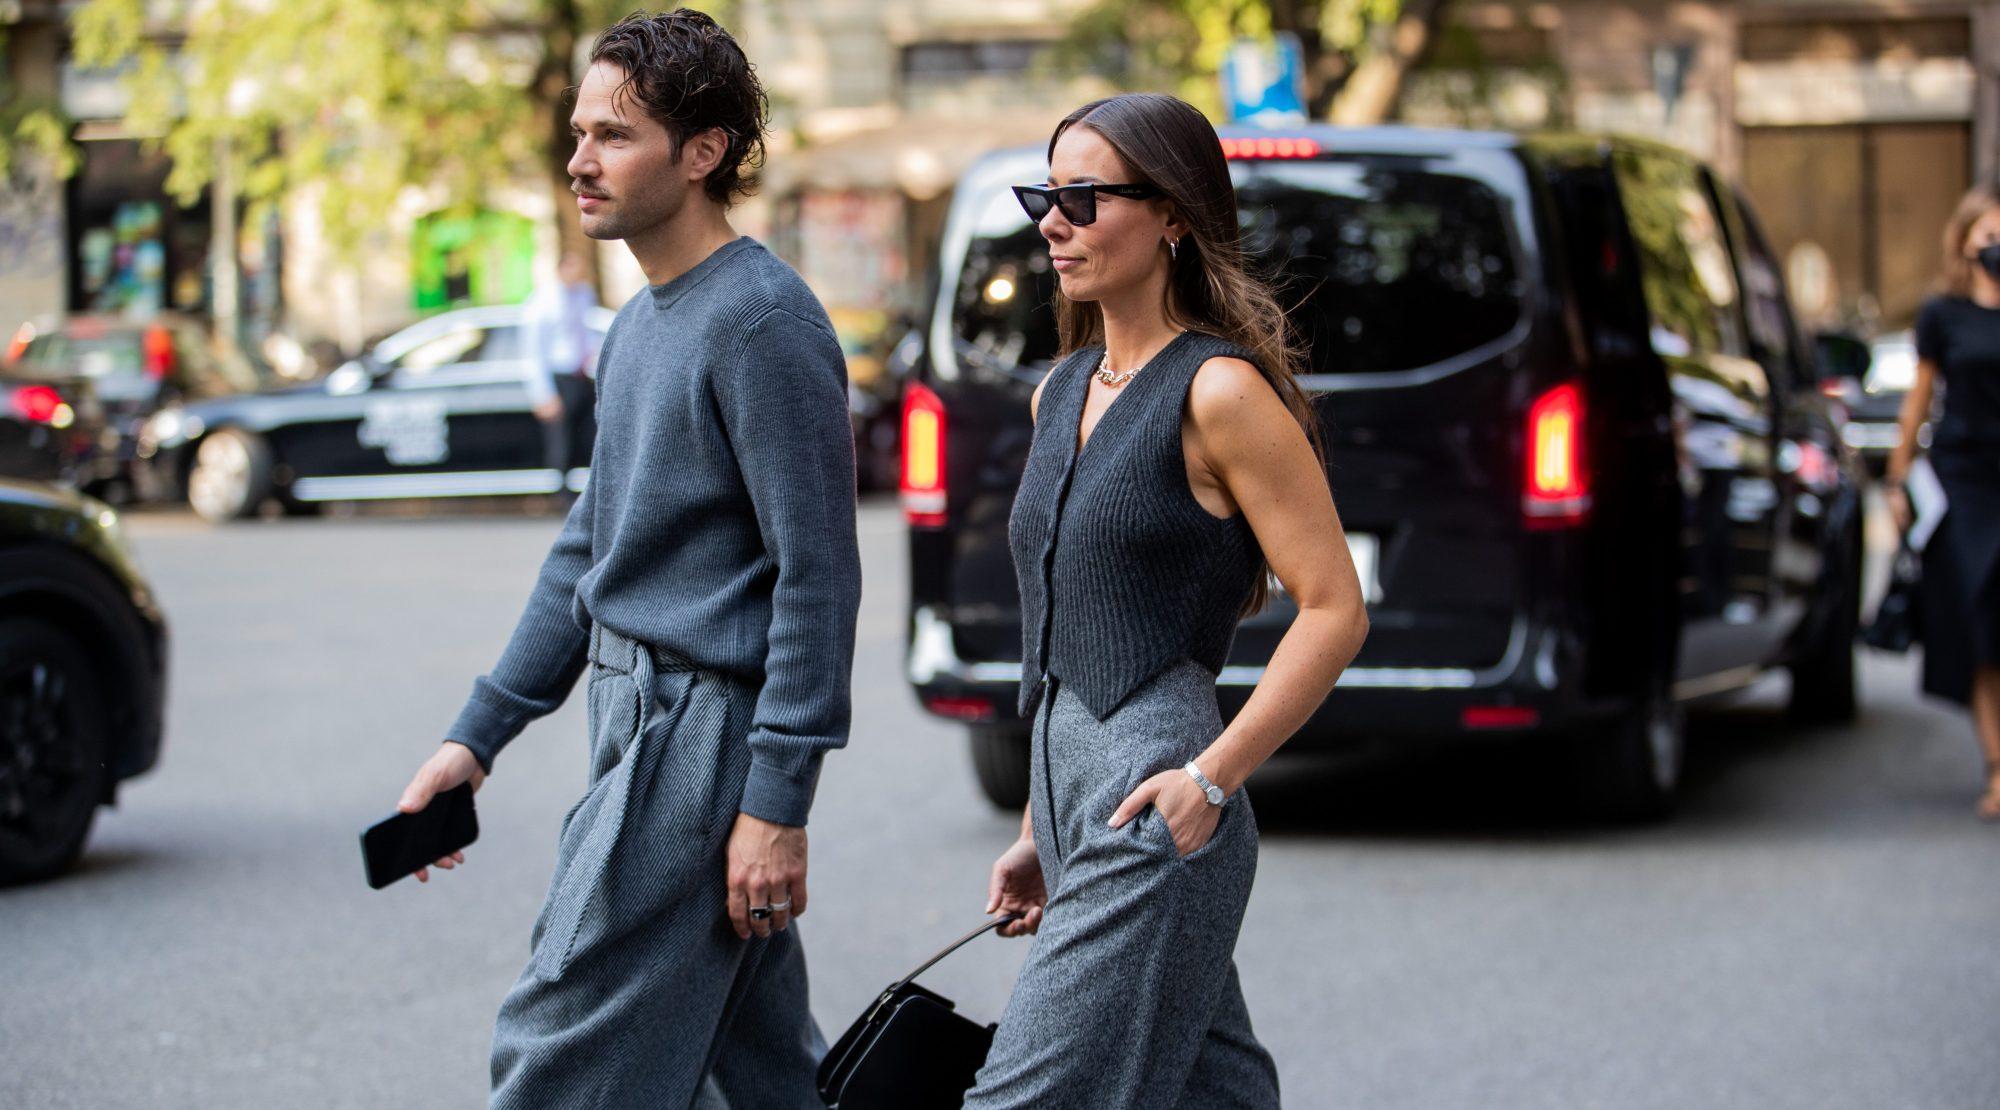 Η μέρα μας εμπνέει να φορέσουμε γκρι: 12 κομμάτια και 8 street style ιδέες για να «αγκαλιάσουμε» αυτό το χρώμα